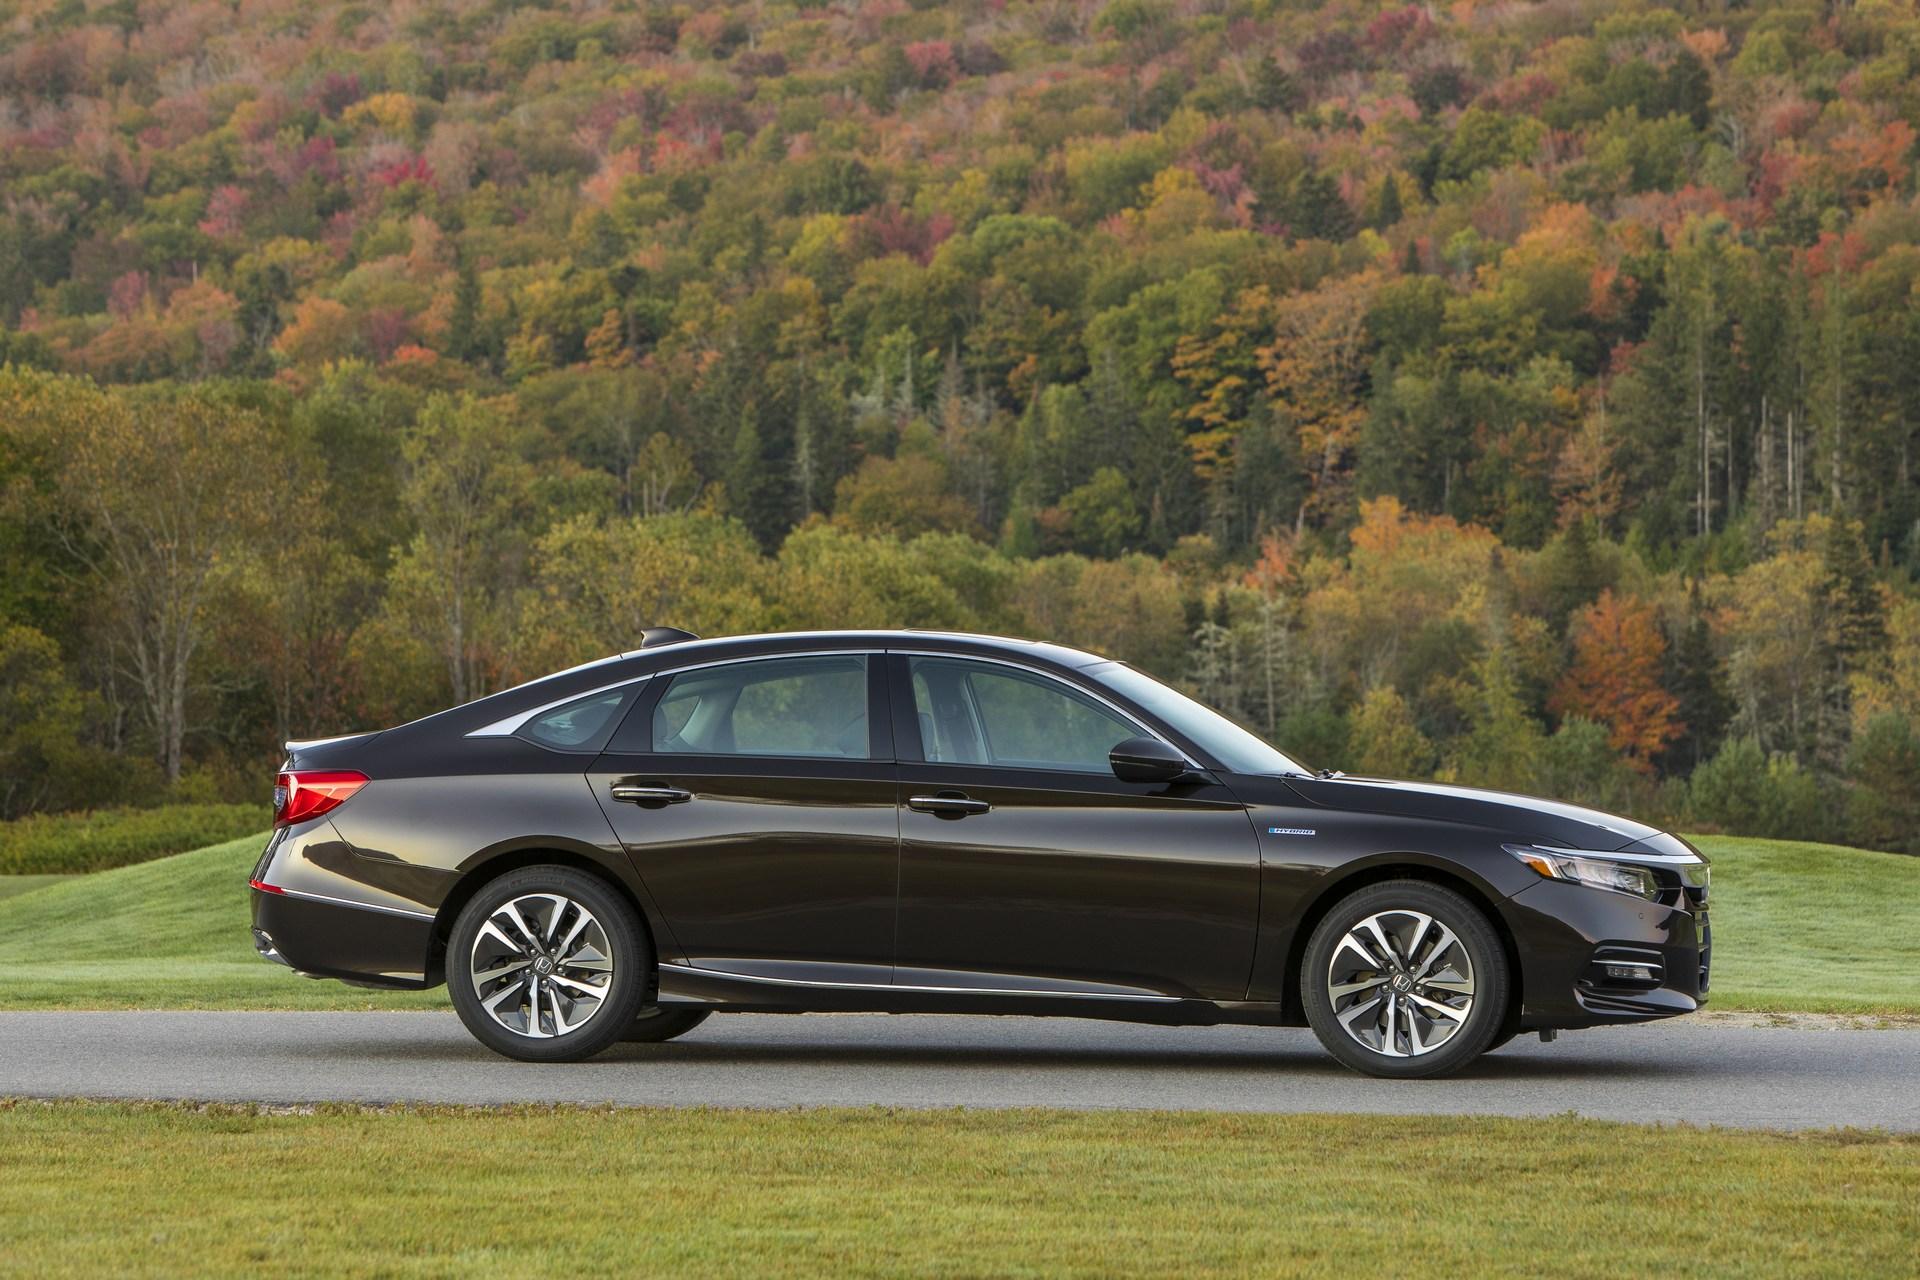 Honda Accord 2018 Spec >> 2018 Honda Accord Hybrid Is Really Cheap, Starts at $25,100 - autoevolution